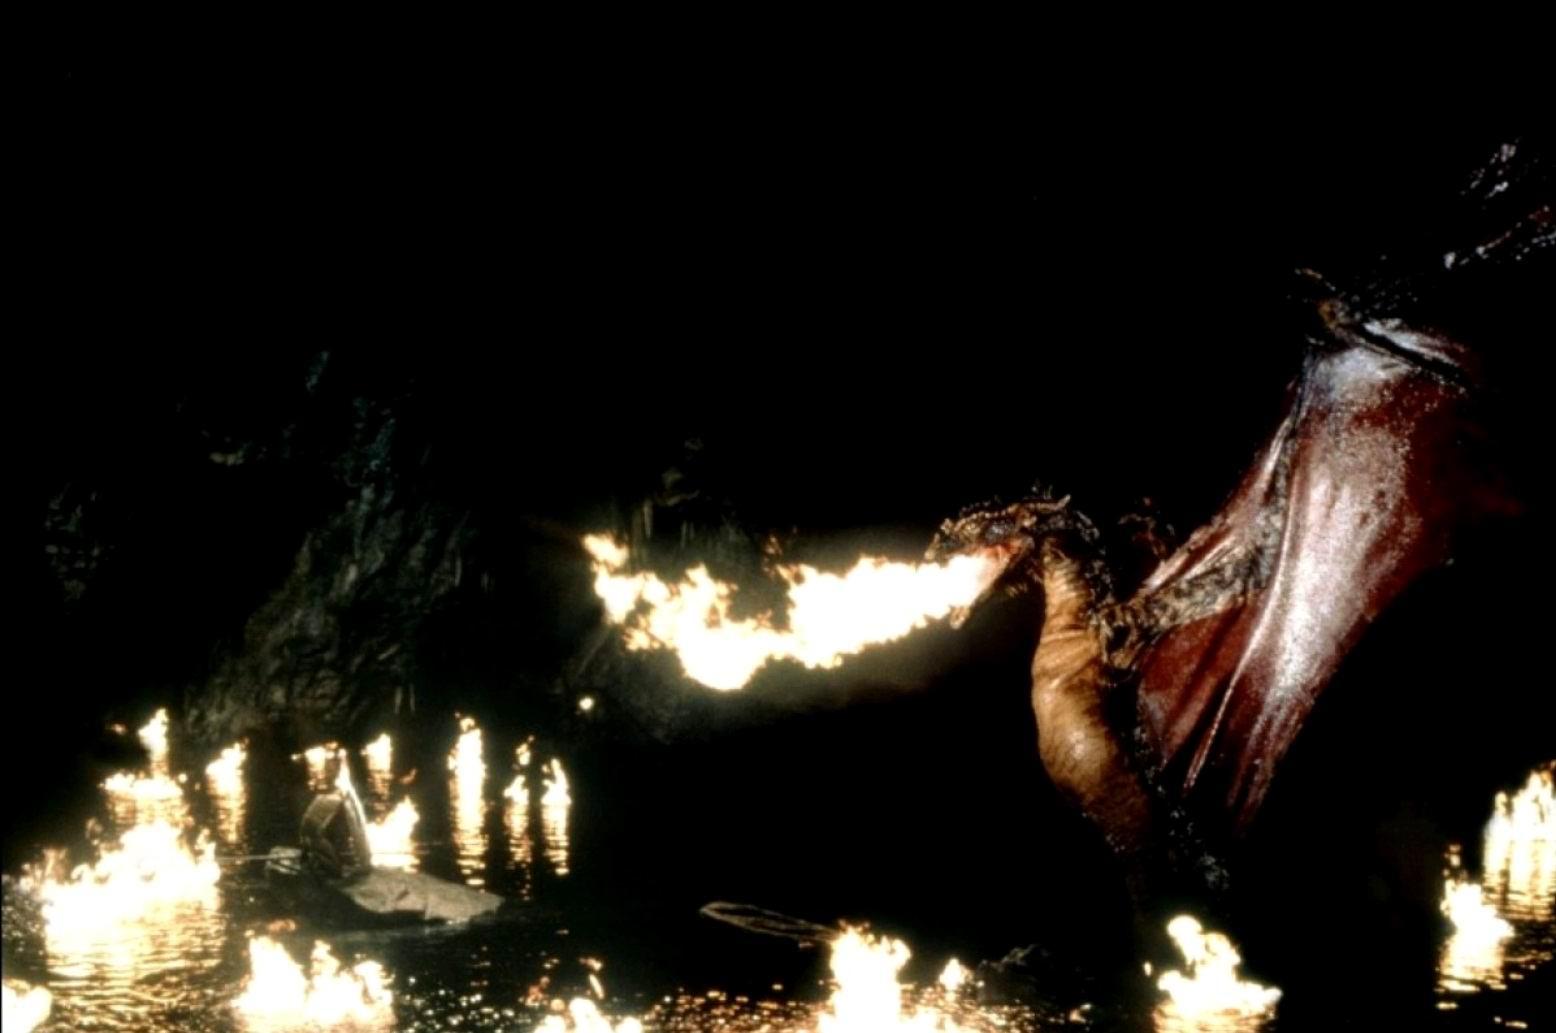 Убийца дракона / Dragonslayer (1981): кадр из фильма